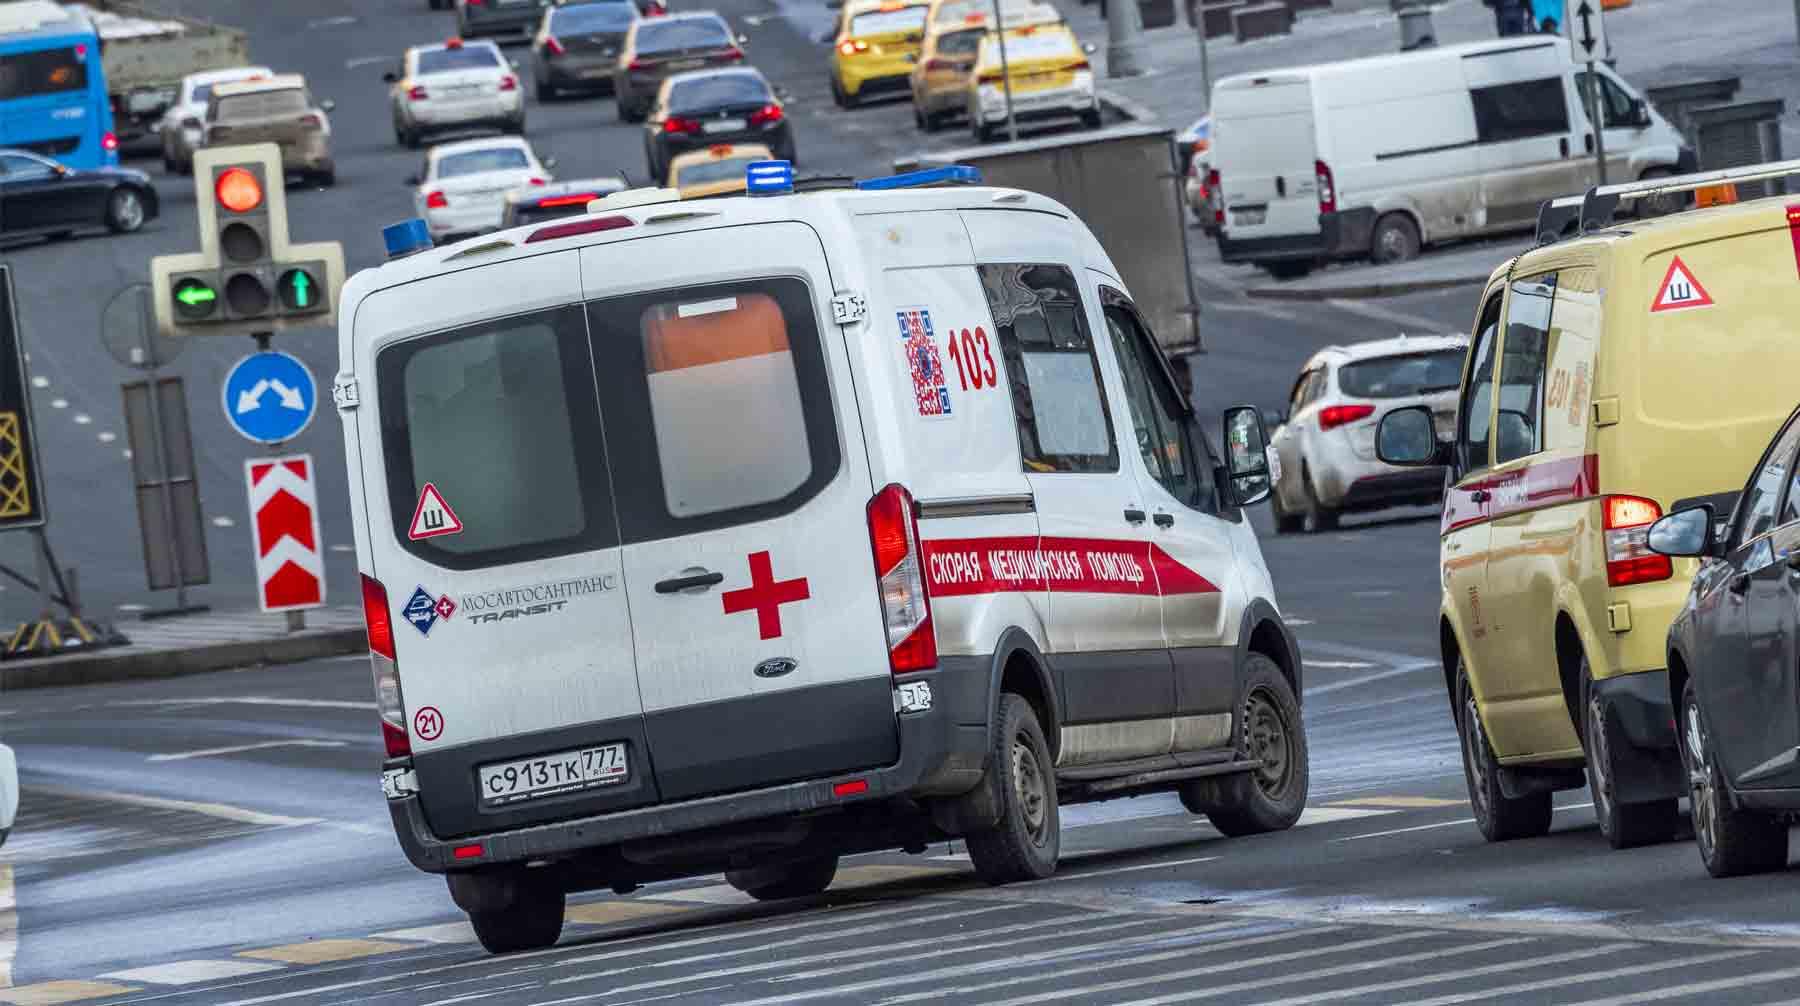 V Rossii uzhestochaetsya nakazanie za nepropusk skoroj pomoshhi1